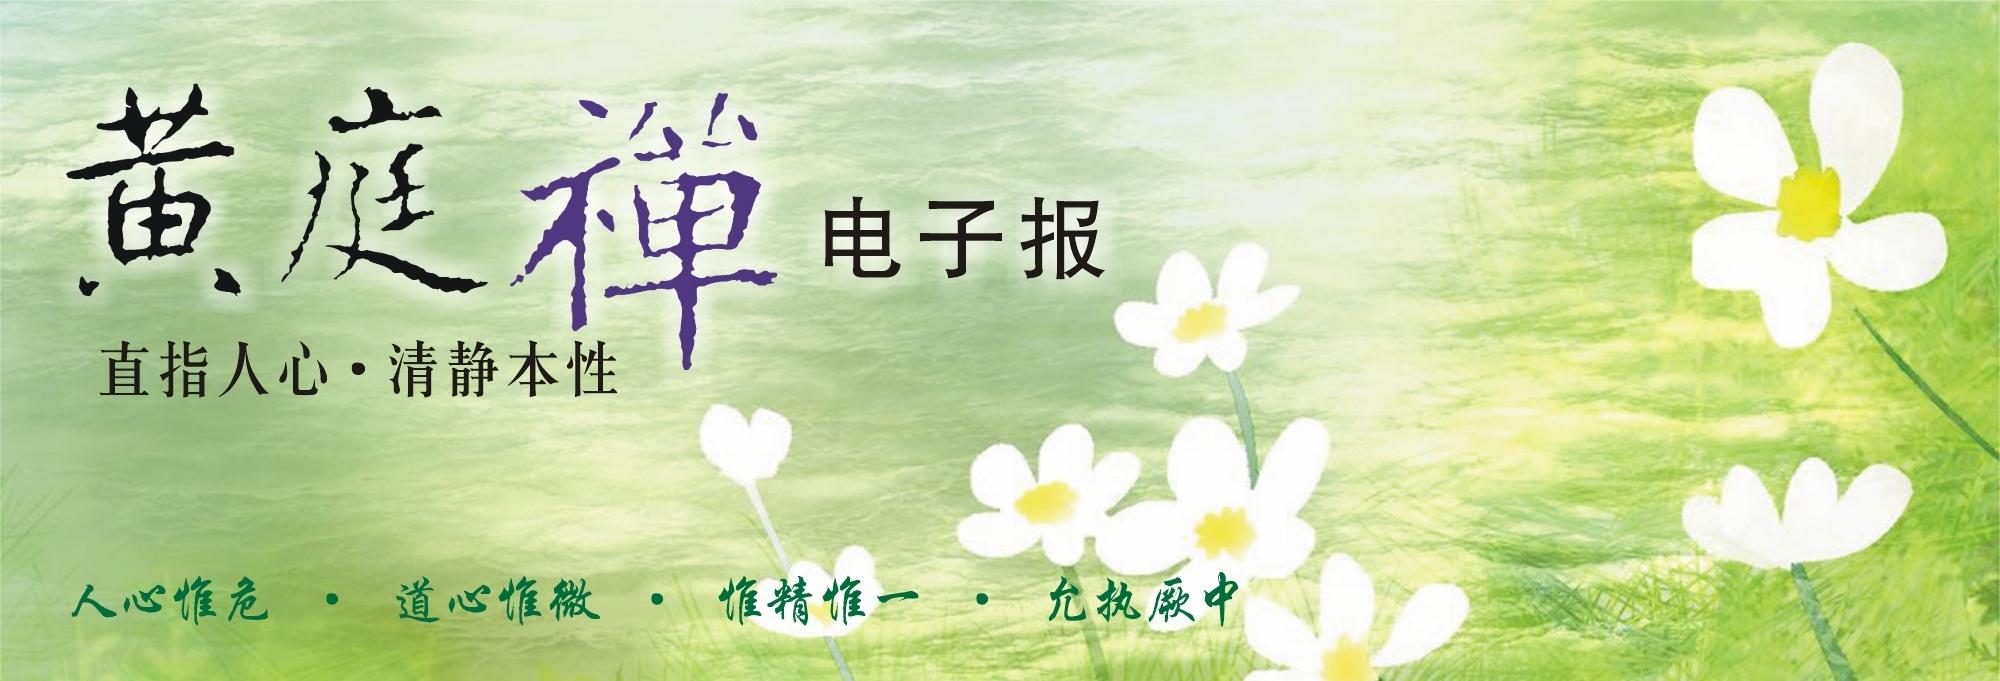 中华黄庭禅学会2017.06.11电子报